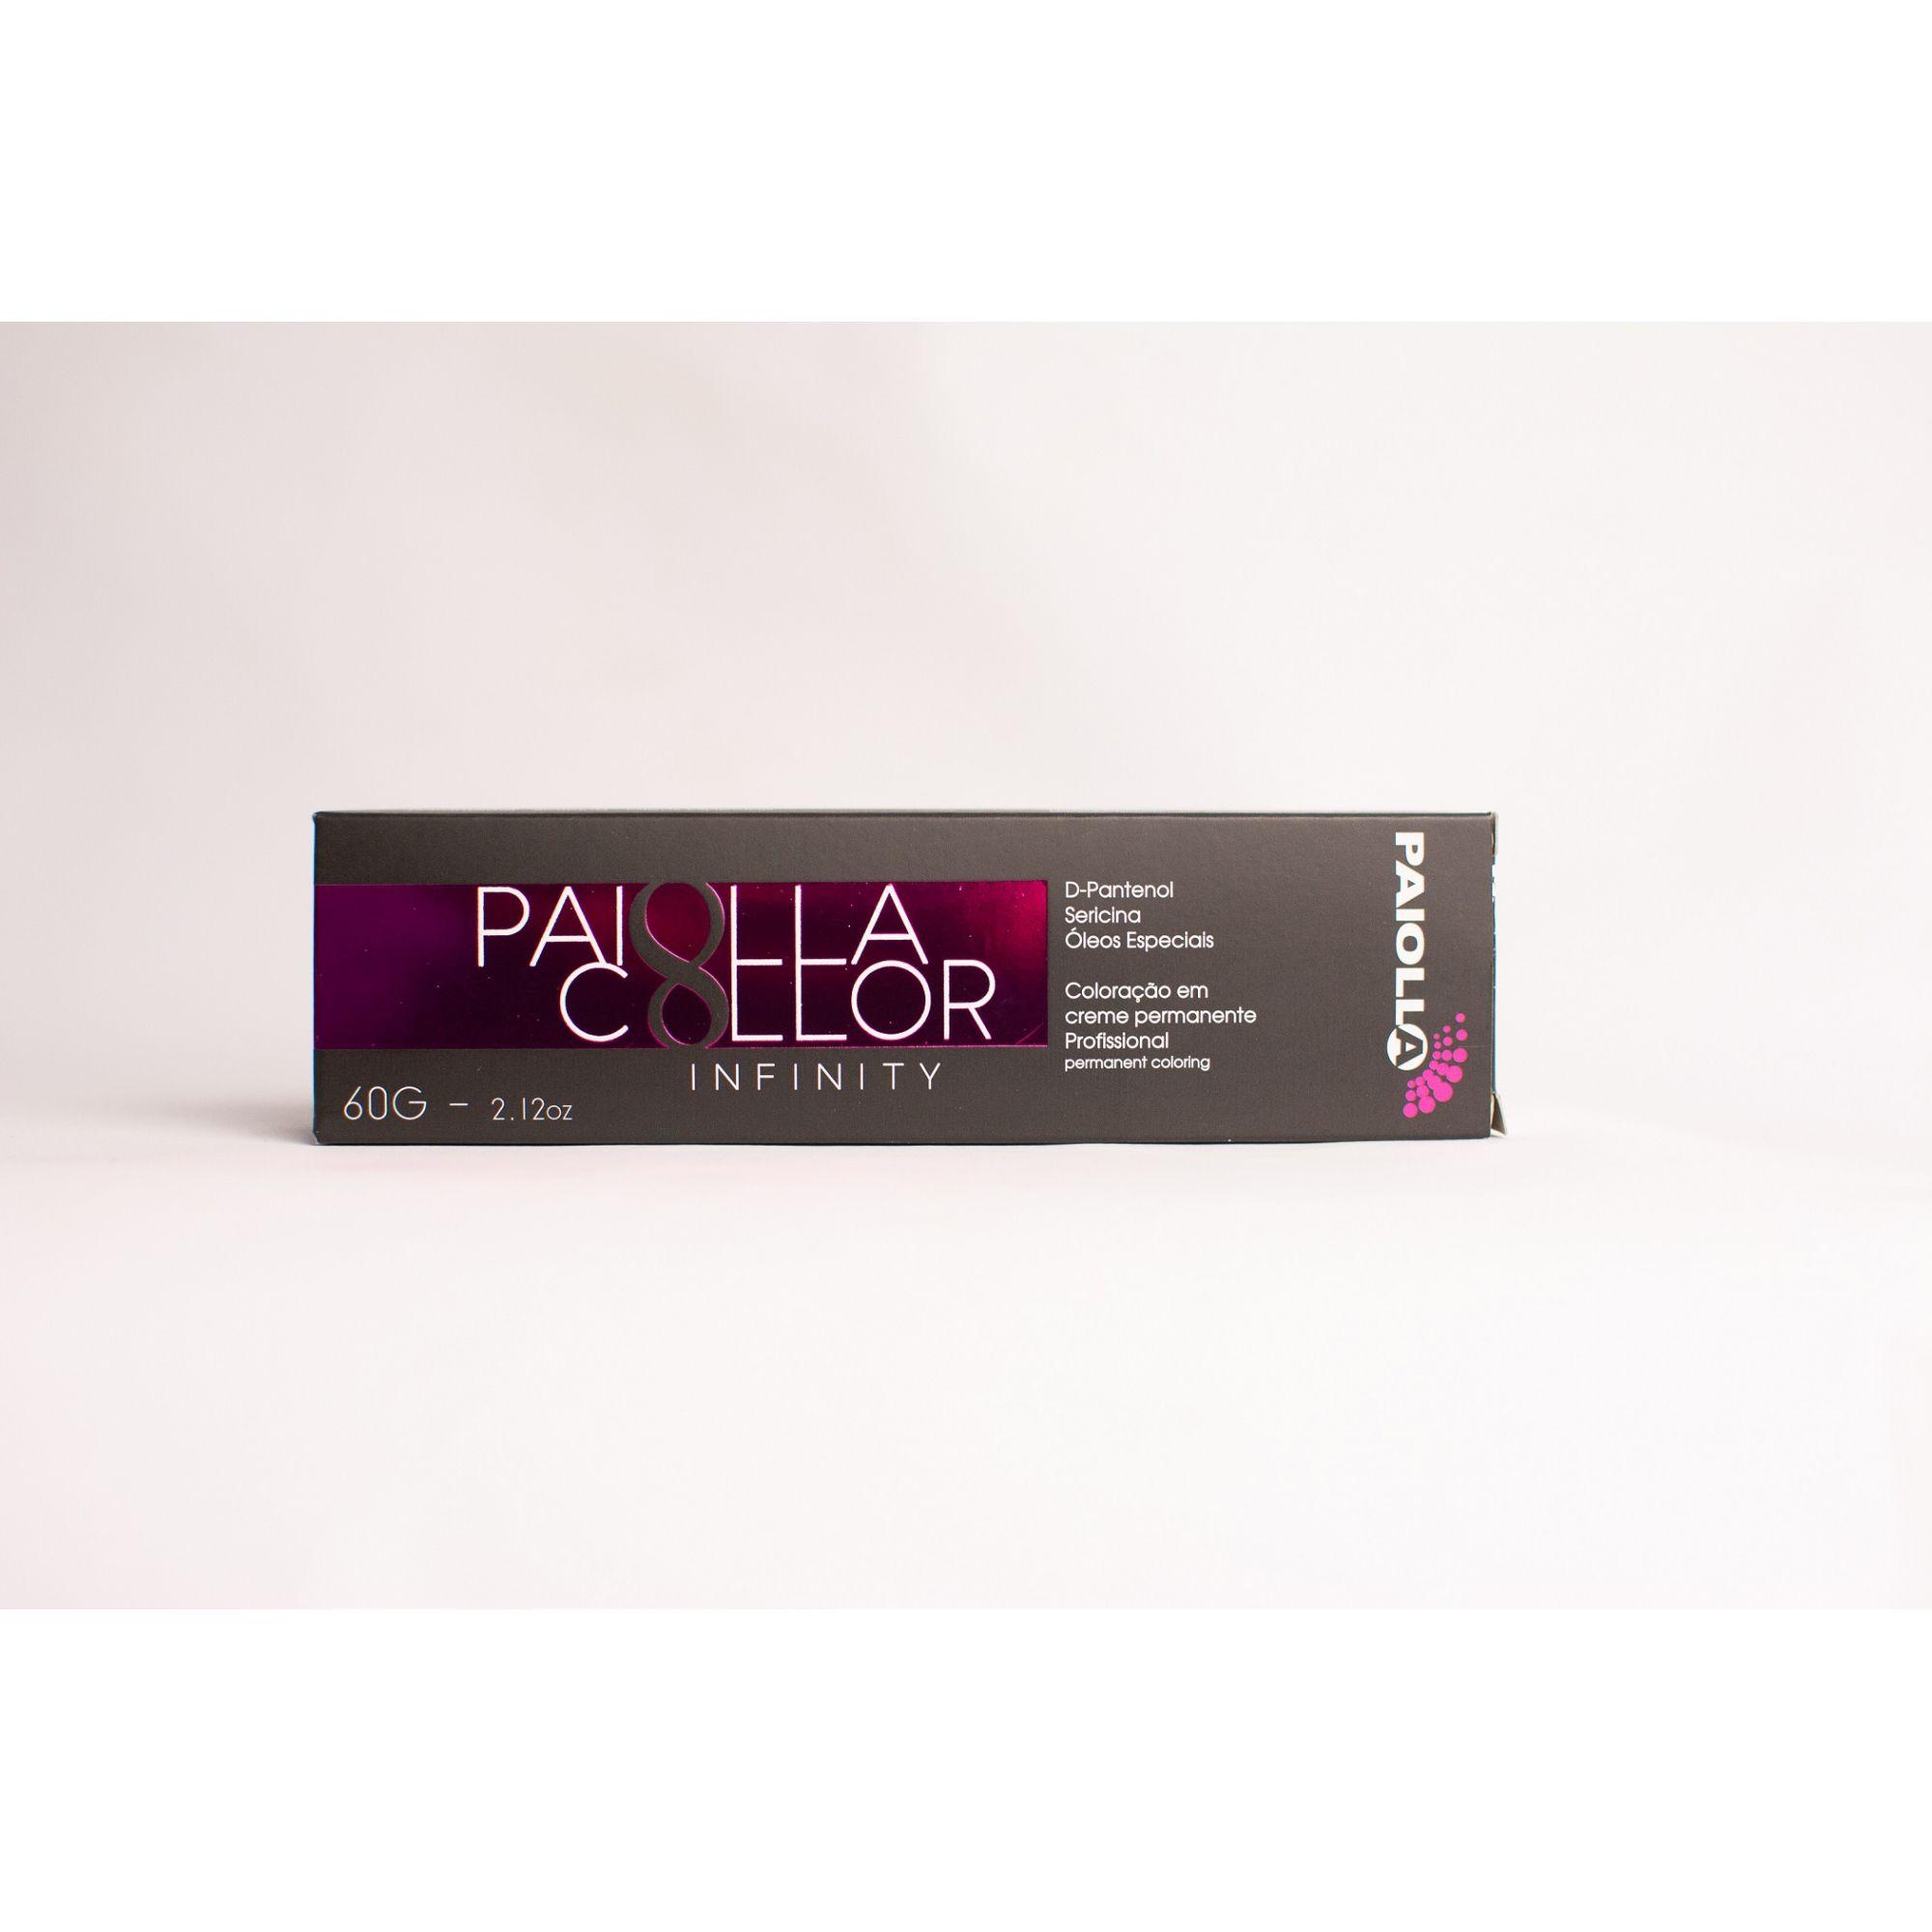 0.6 Corretor Violeta - Coloração Paiolla Collor Infinity